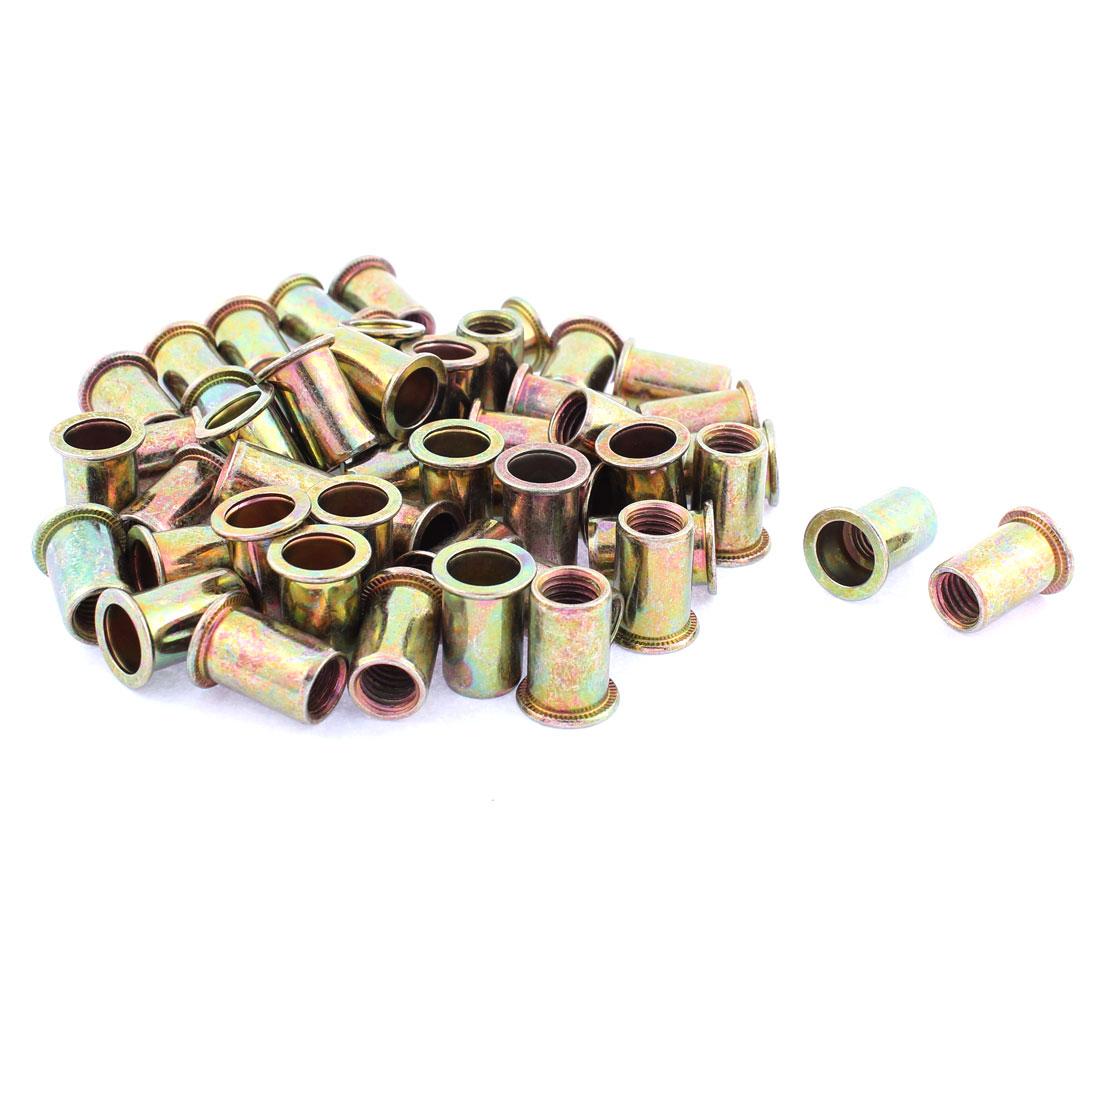 M10 Thread Dia Flat Head Zinc Plated Rivet Blind Nut Nutsert Brass Tone 50pcs